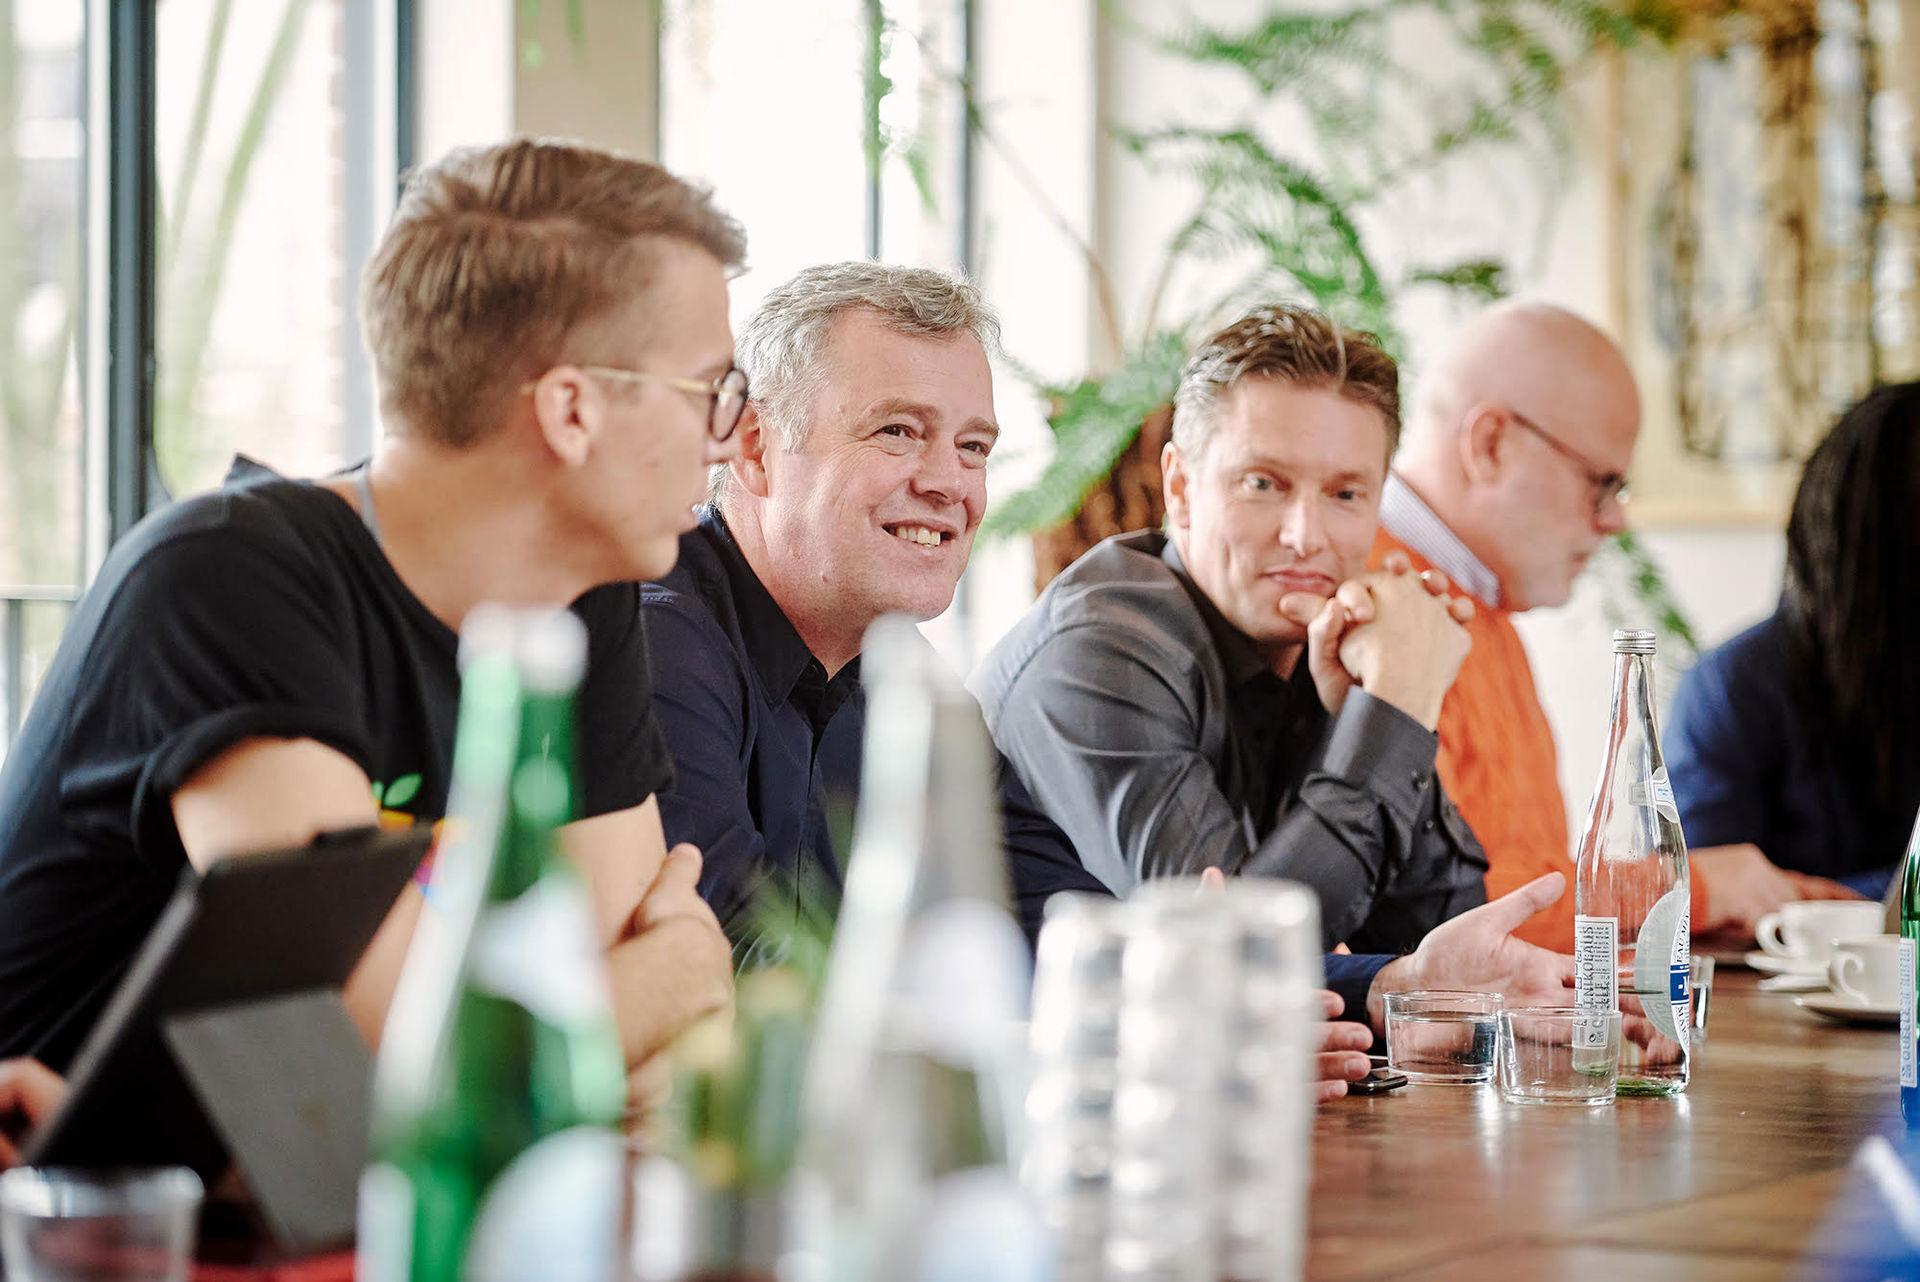 Vi har pratat med Alain Visser om framtiden för Lynk & Co